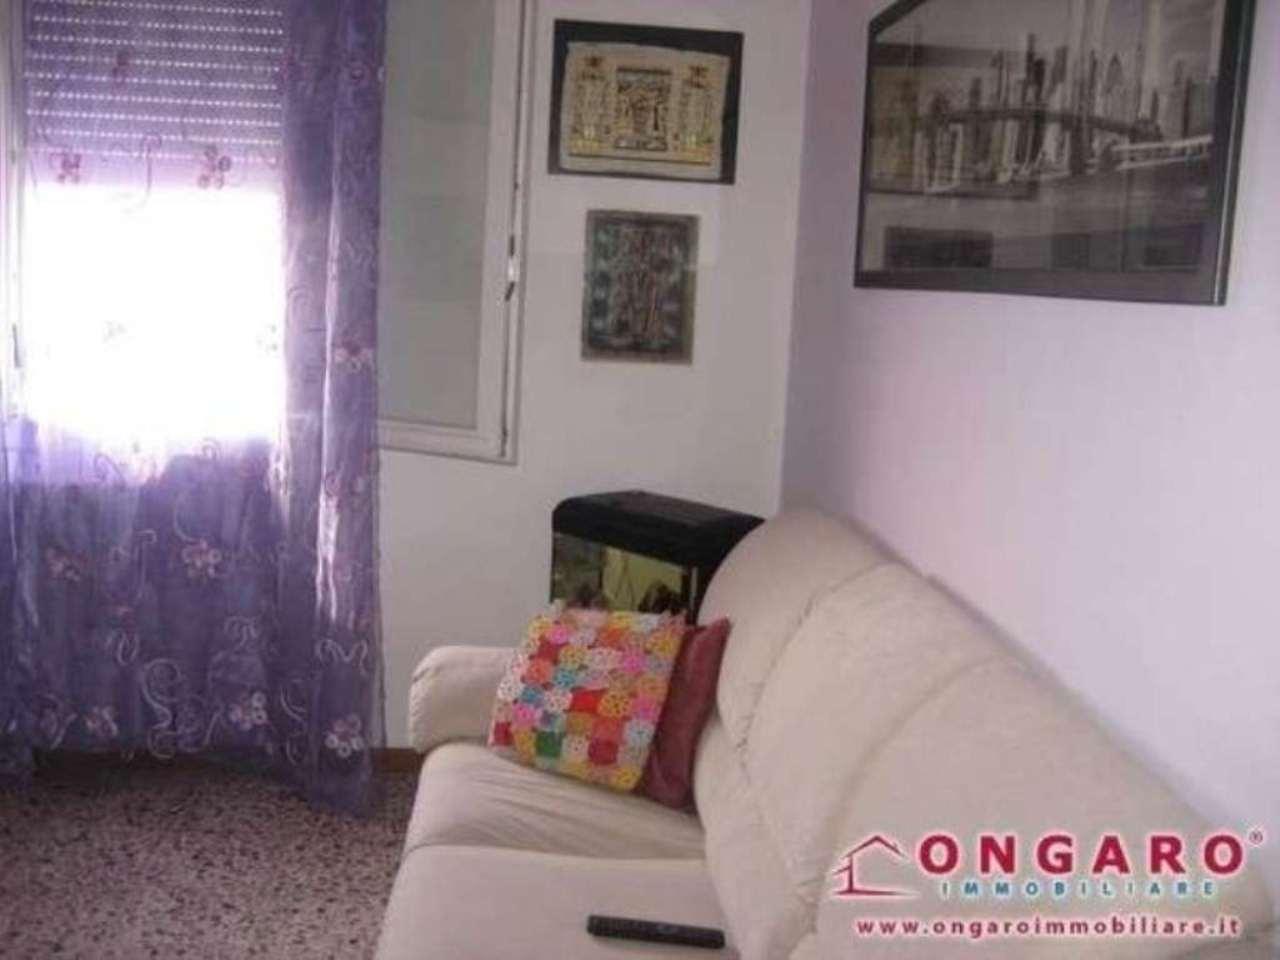 Soluzione Indipendente in vendita a Copparo, 4 locali, prezzo € 85.000 | Cambio Casa.it